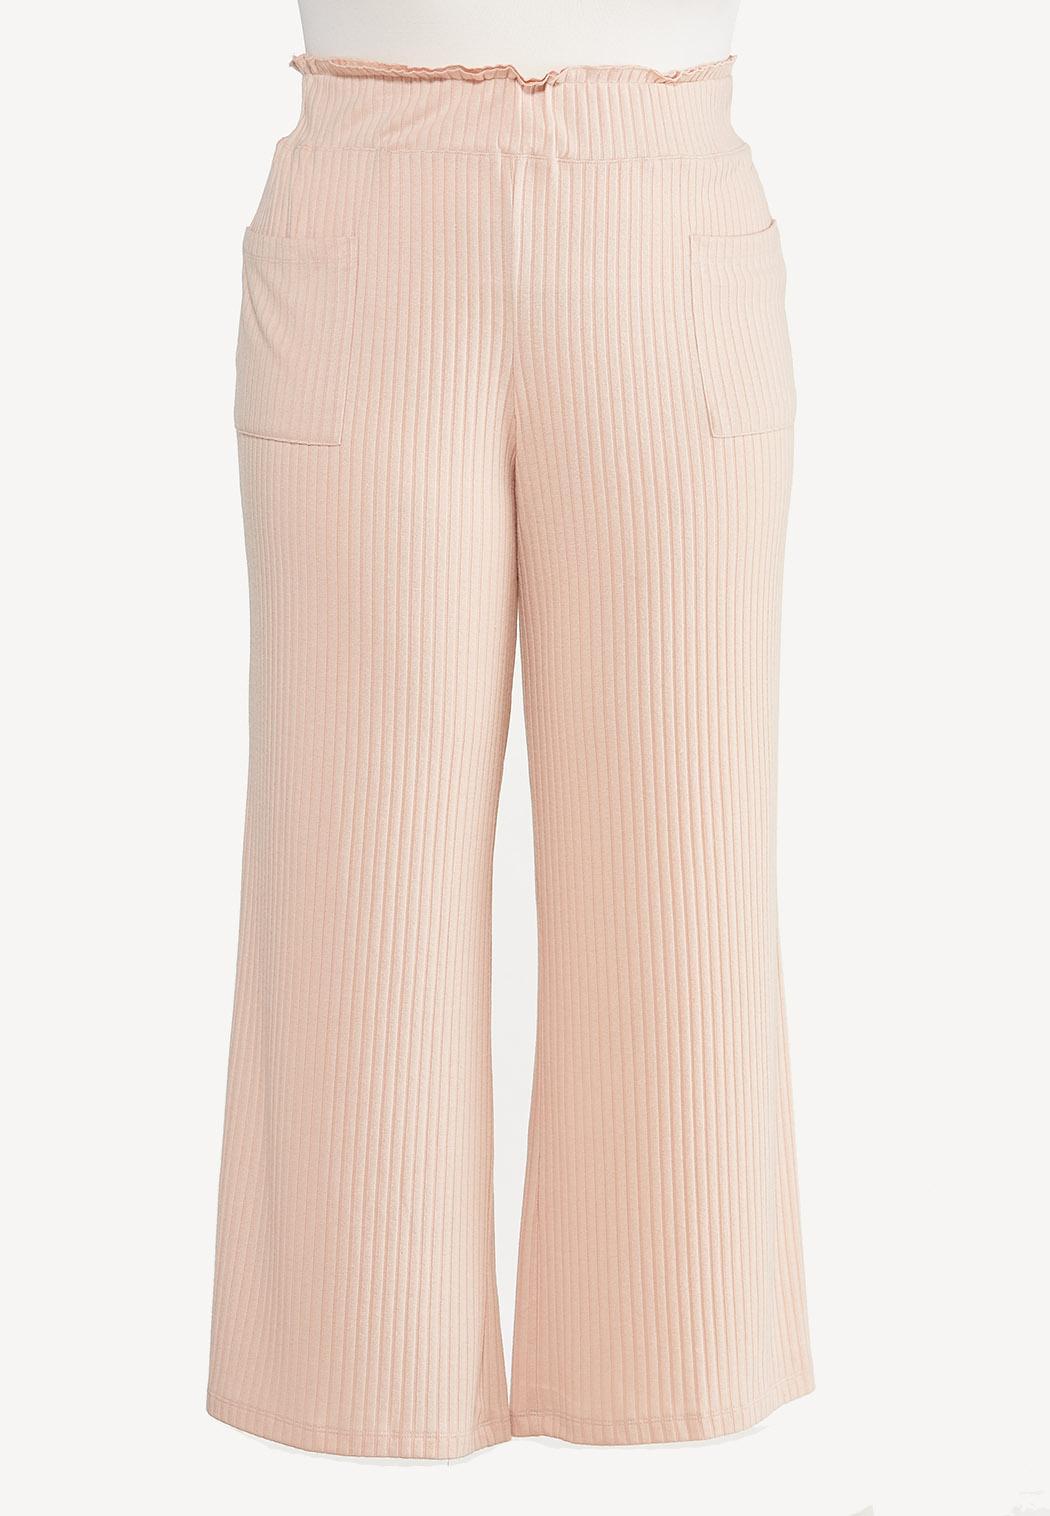 Plus Size Blushing Ribbed Lounge Pants